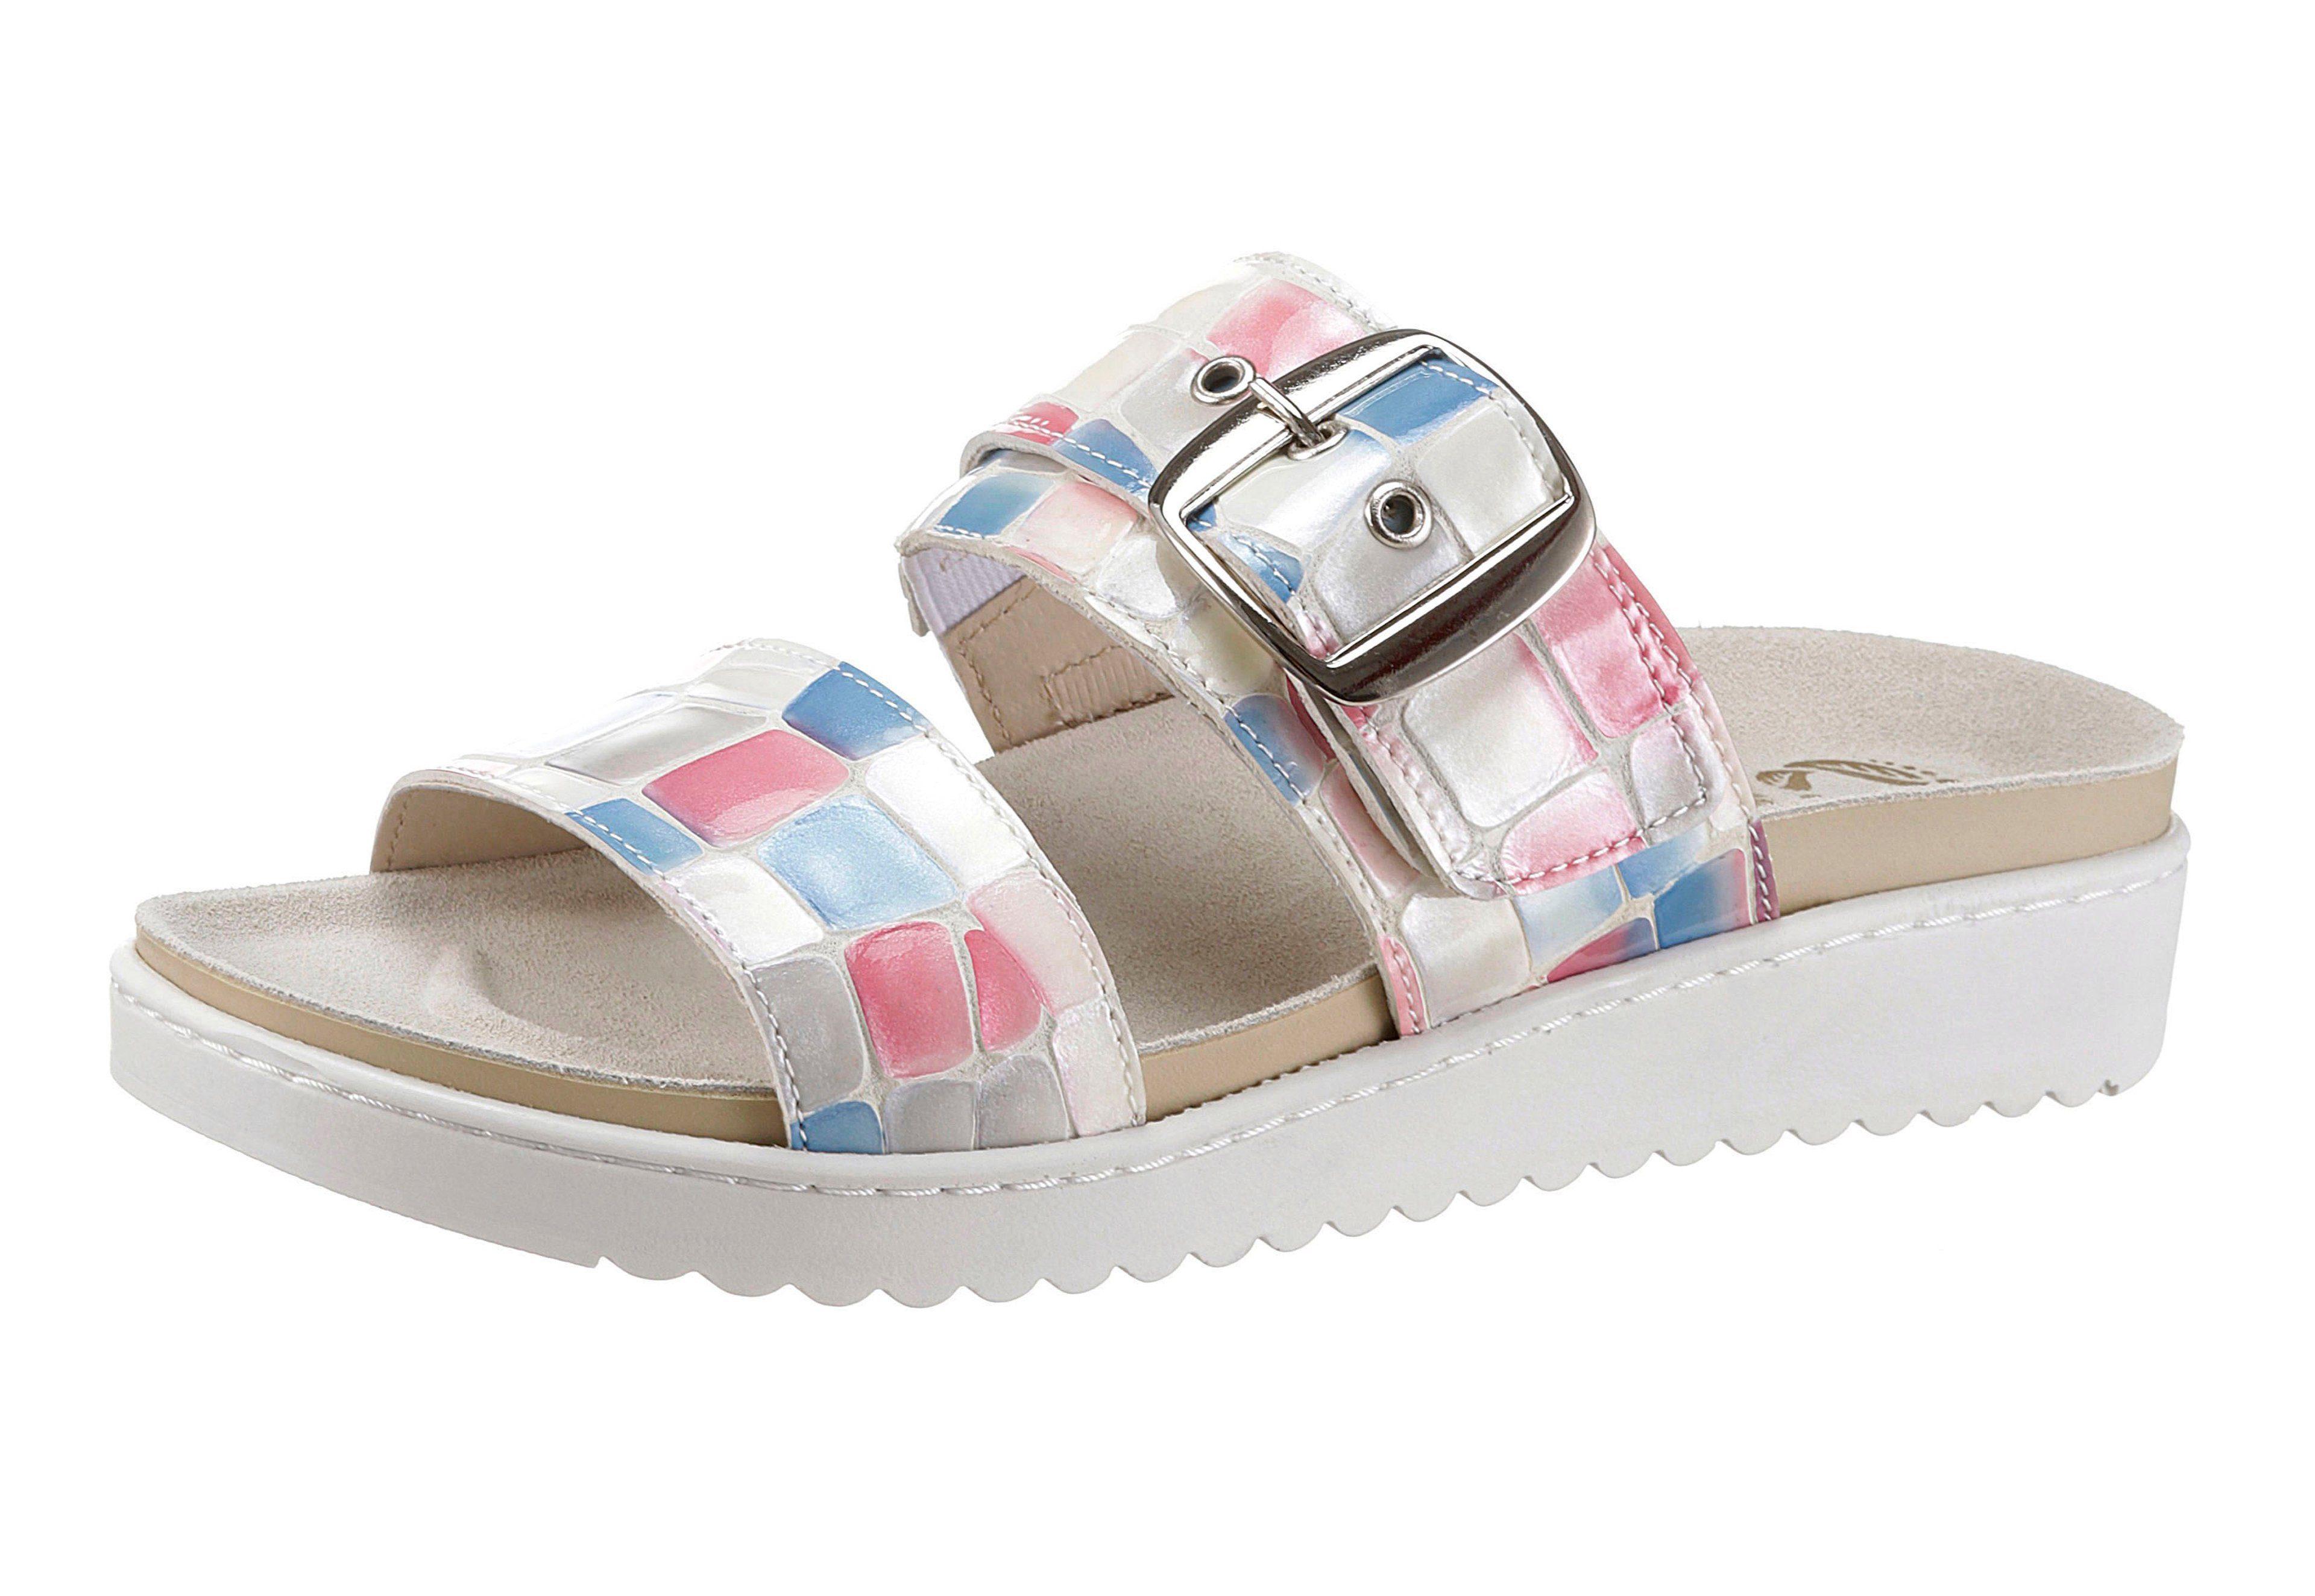 Online Mit Pantolette Mubb Fußbett Comfort KaufenOtto 2DH9IE